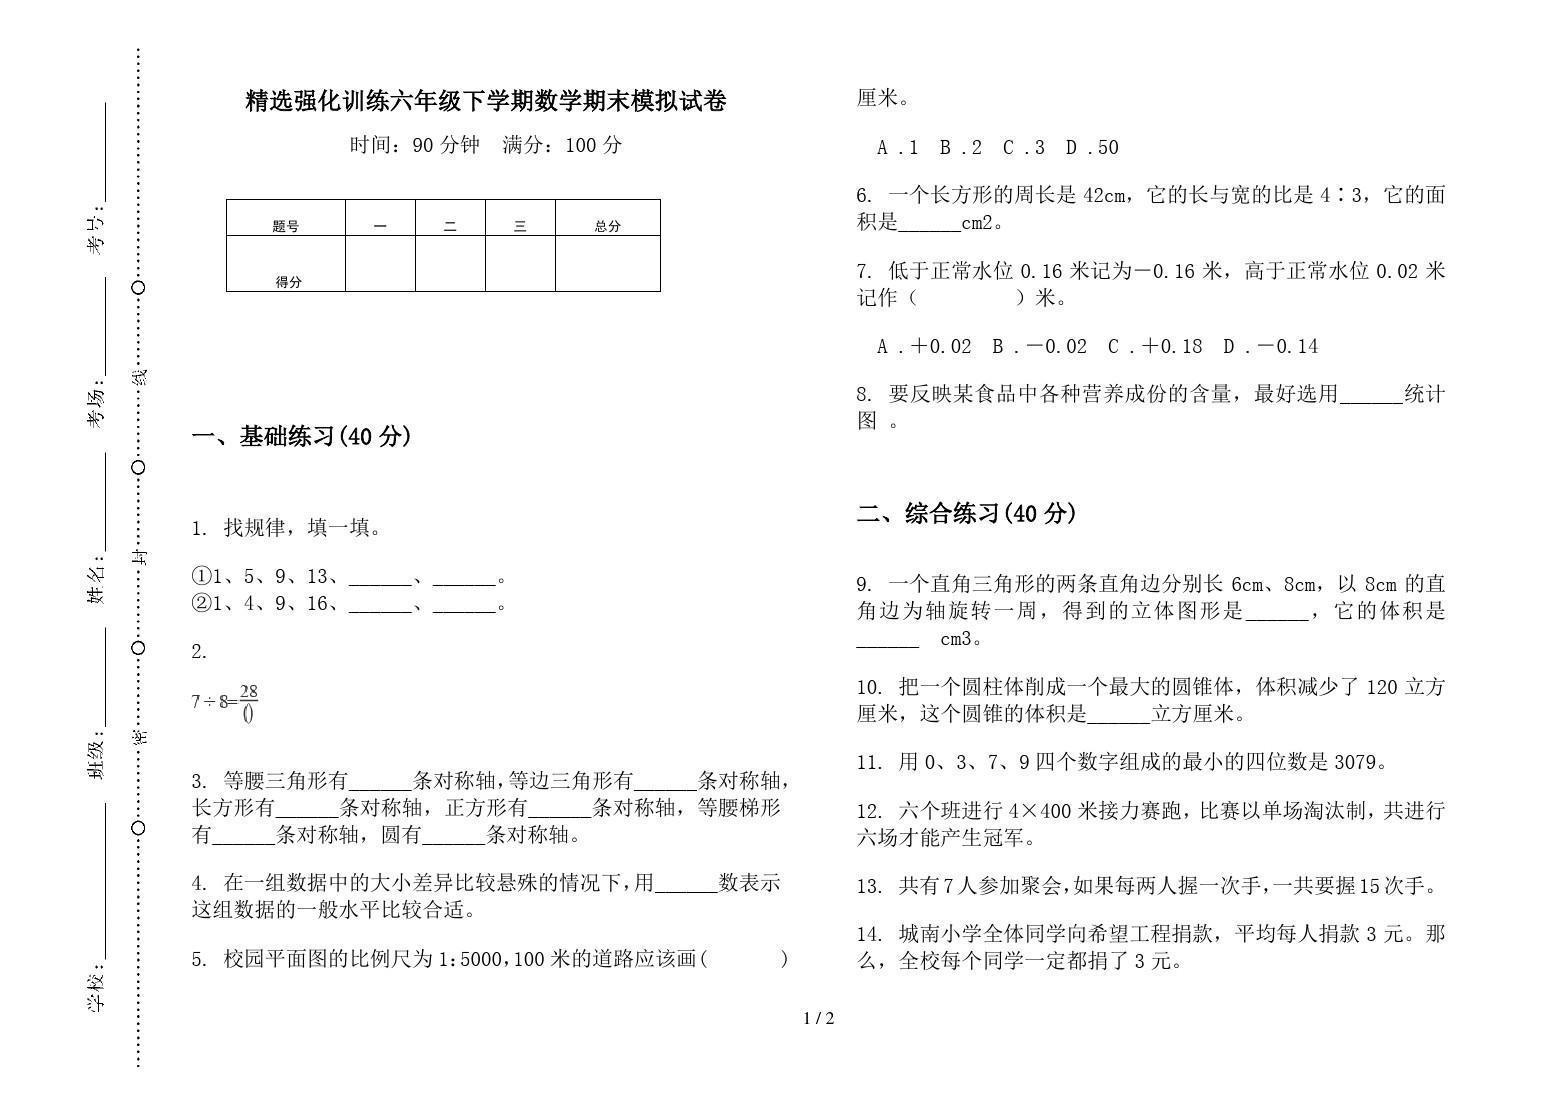 精选强化训练六年级下学期数学期末模拟试卷